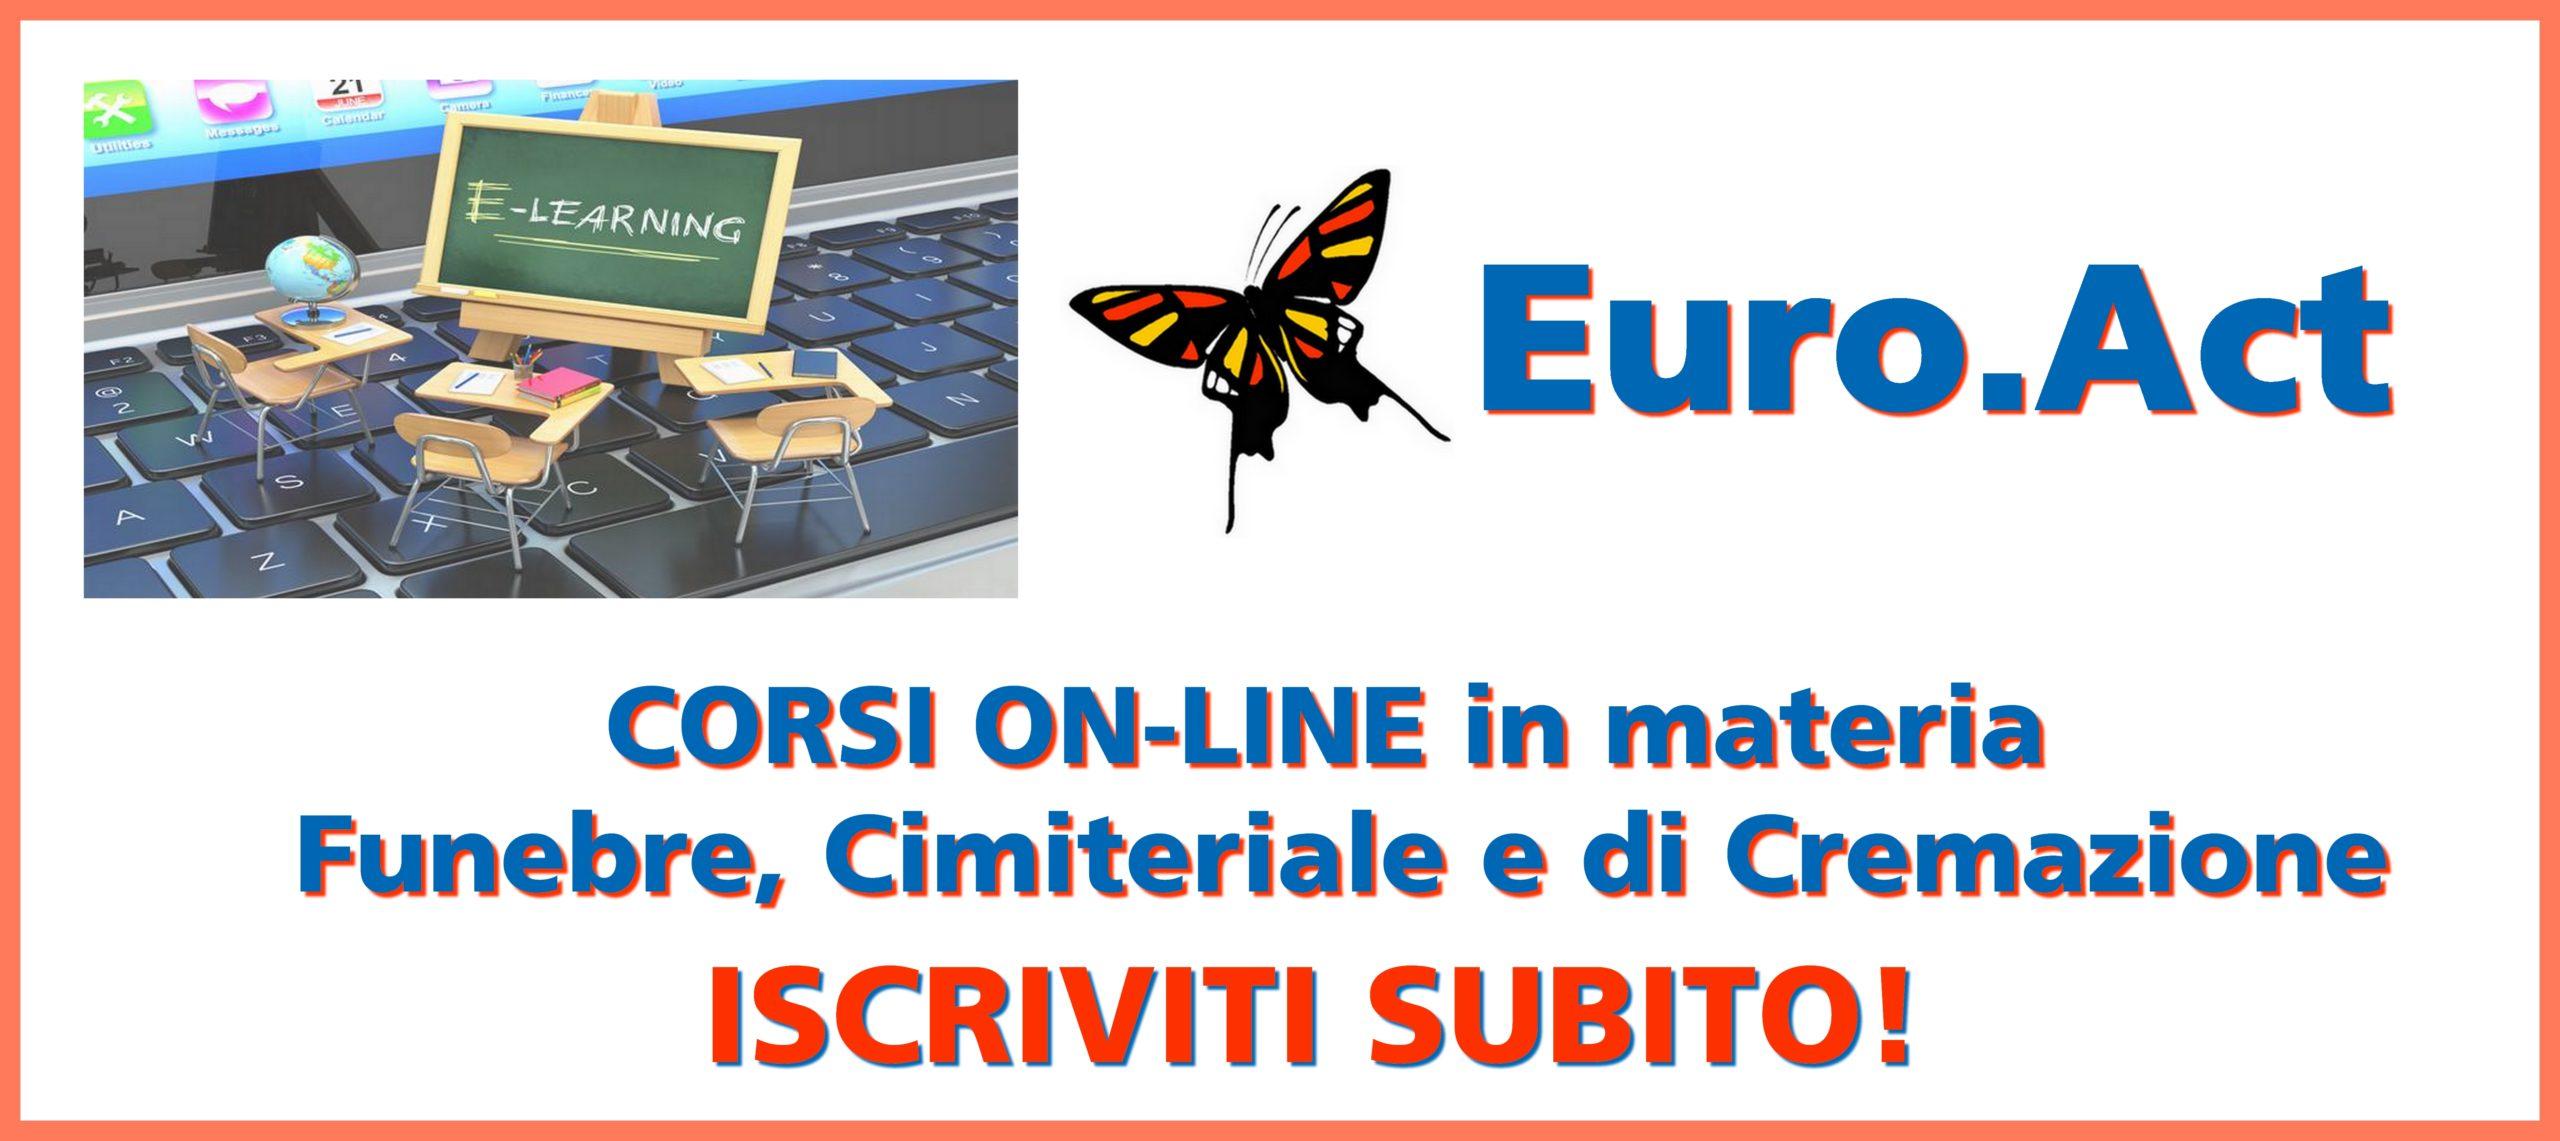 Corsi_2021_3var_cornice_ORIZZ